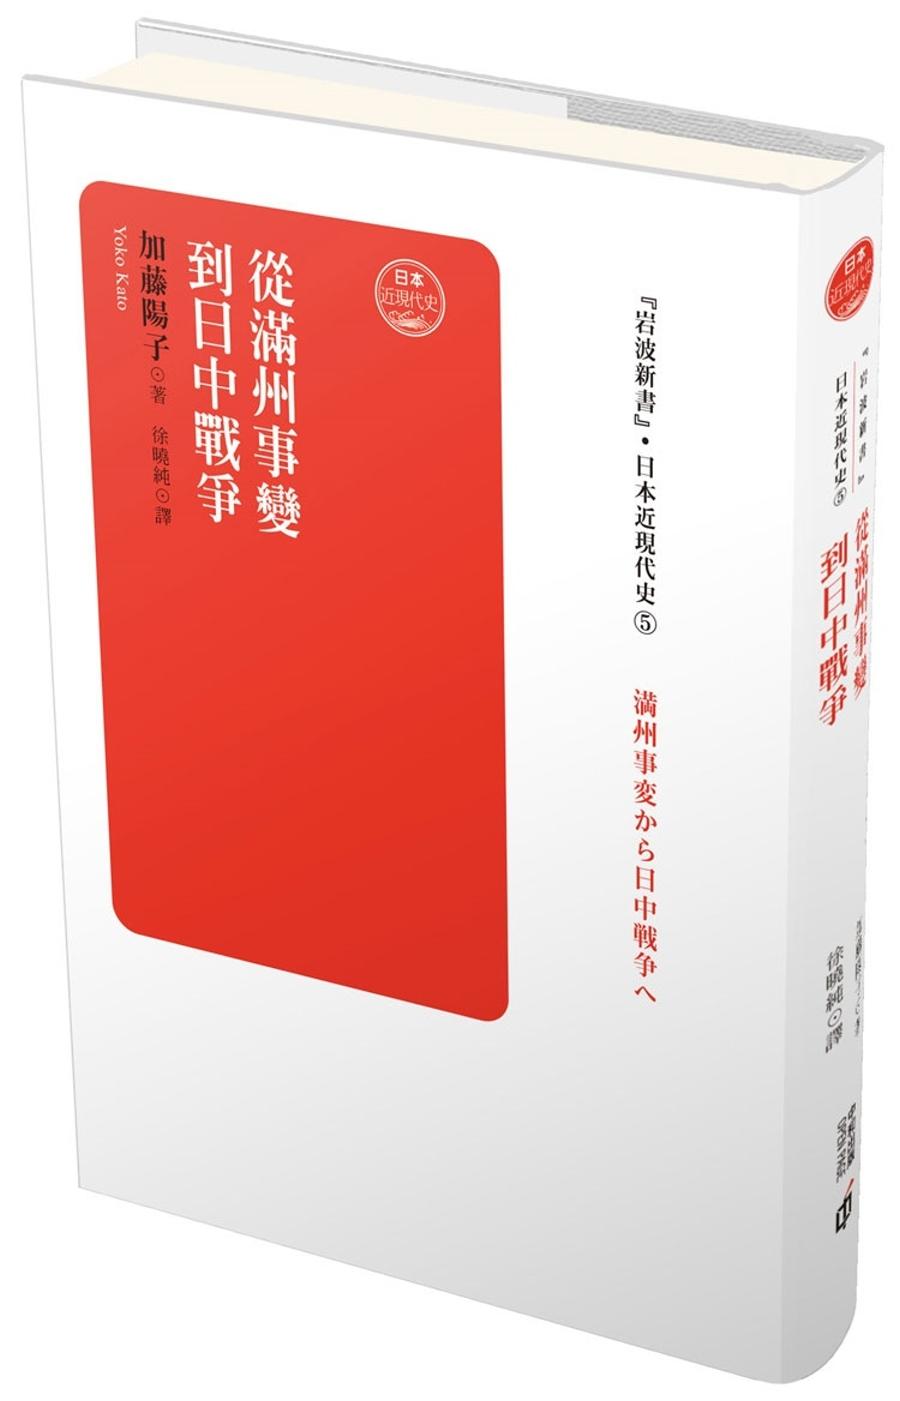 ◤博客來BOOKS◢ 暢銷書榜《推薦》日本近現代史卷五:從滿州事變到日中戰爭